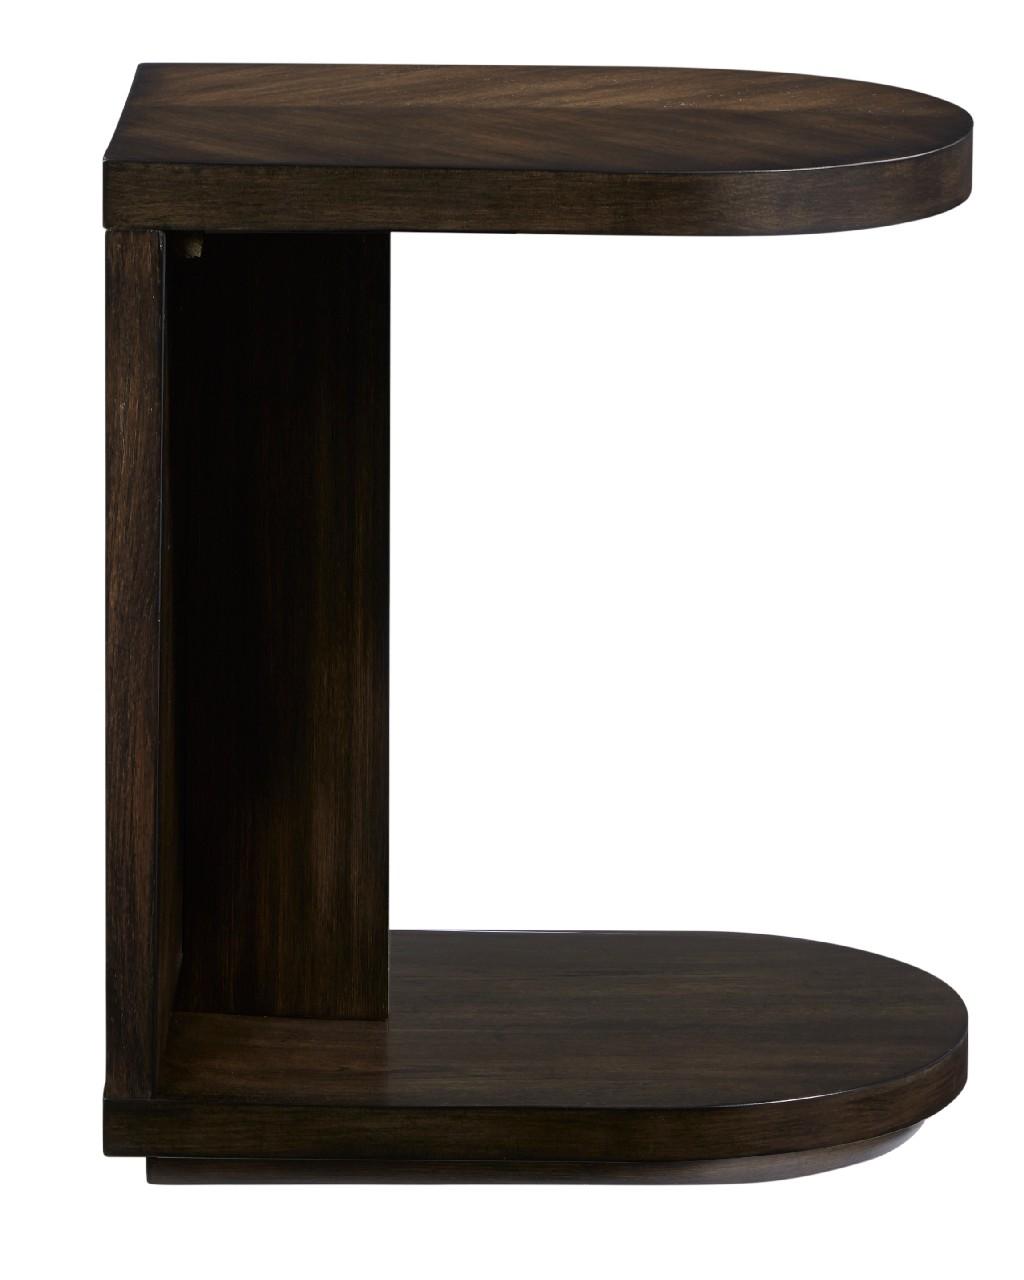 Augustine C-Table in Sepia Brown - Progressive Furniture T512-29